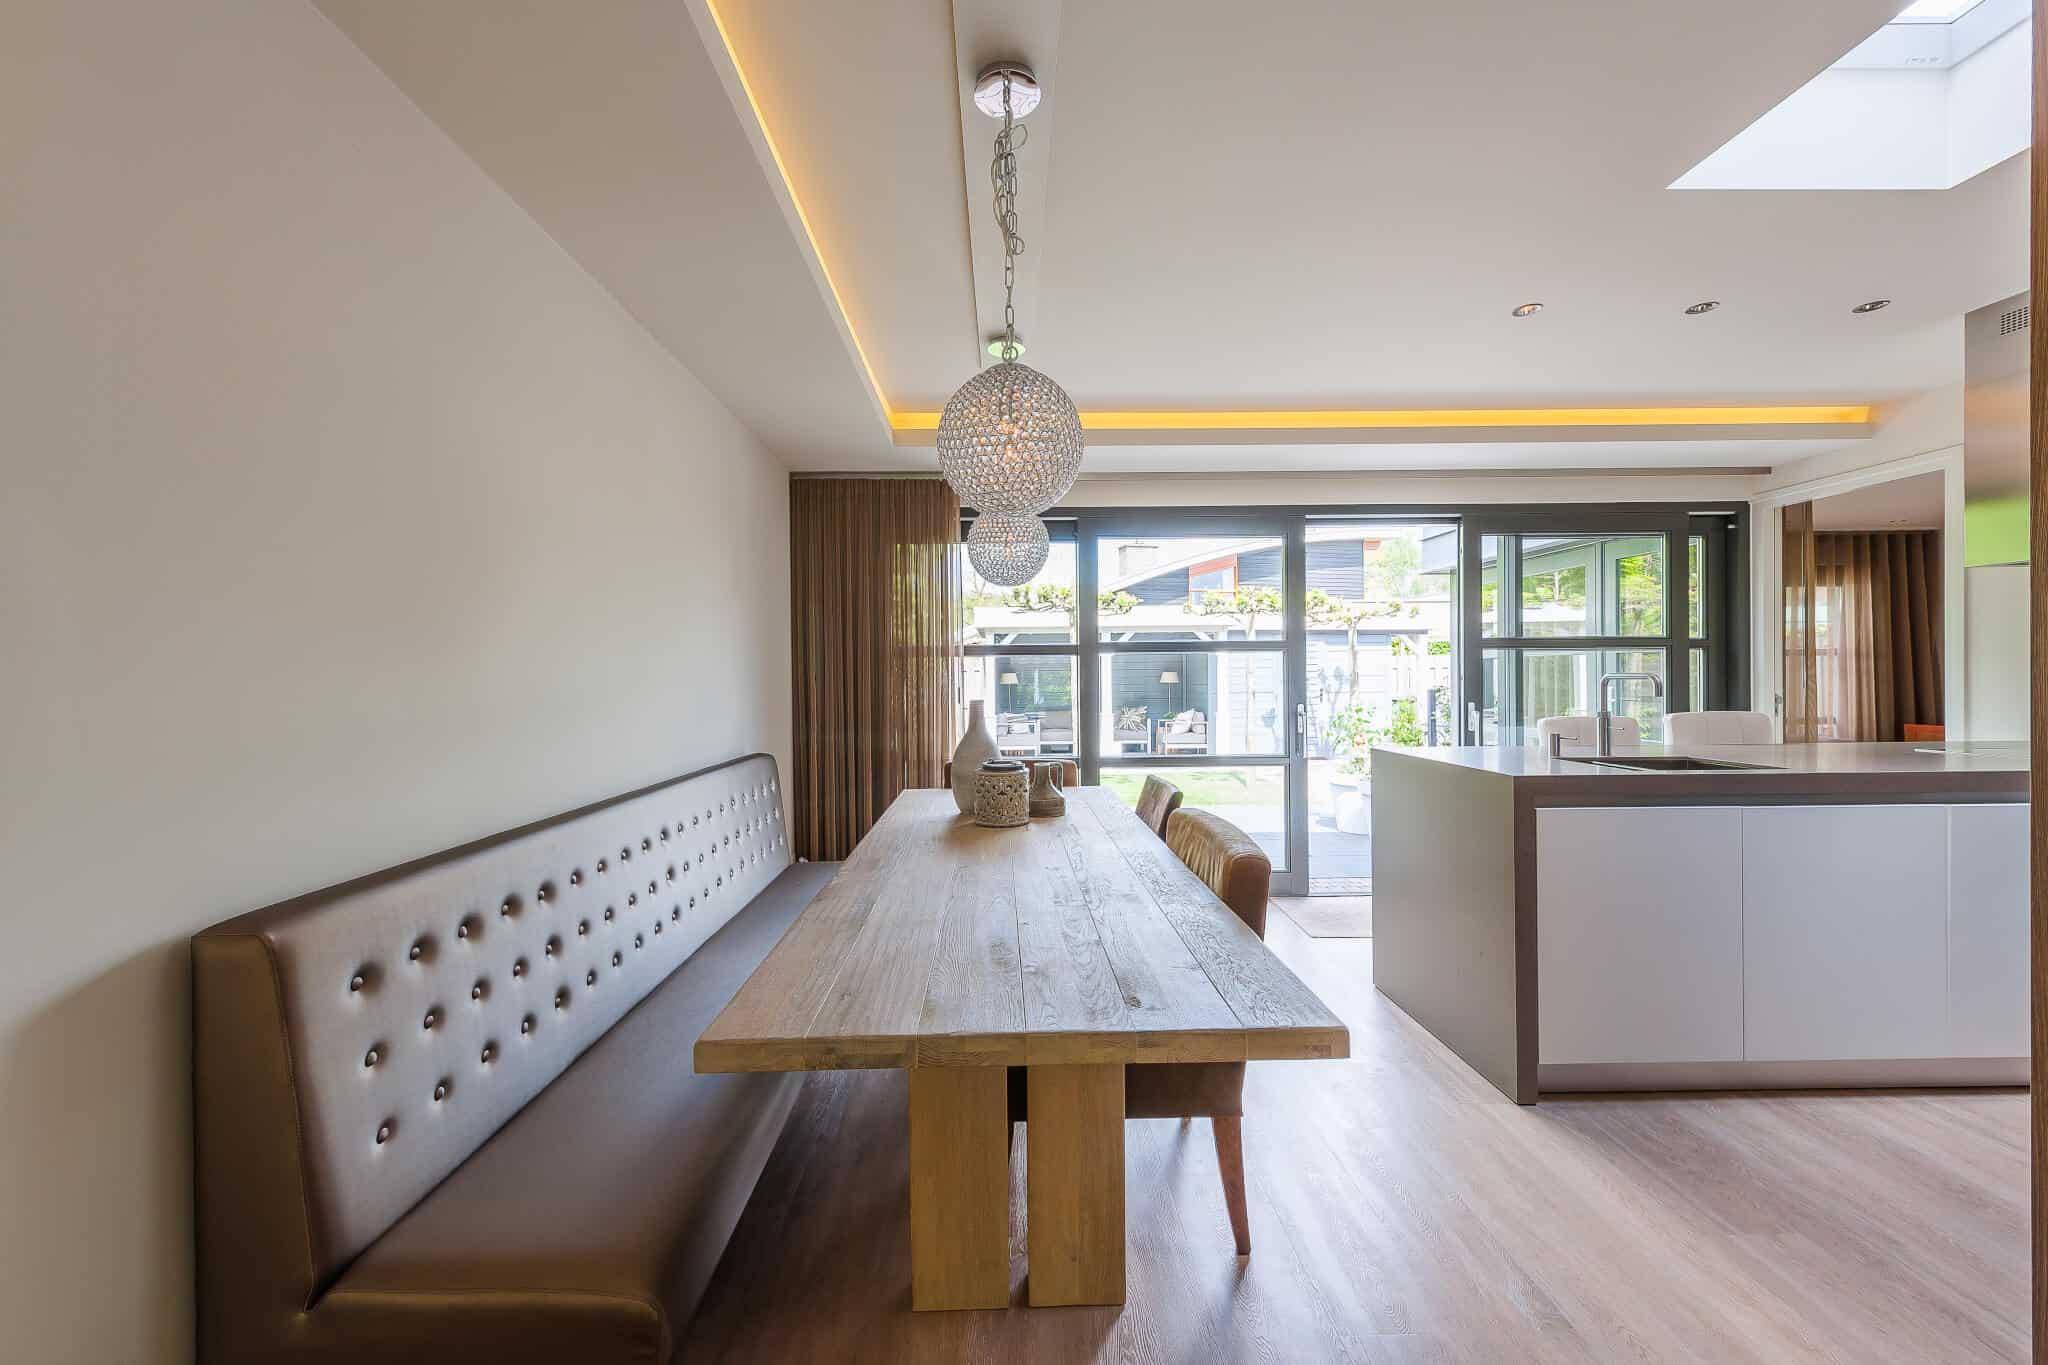 interieurarchitect ontwerp woonkamer wandbank keuken en lichtkoepel Wildenberg